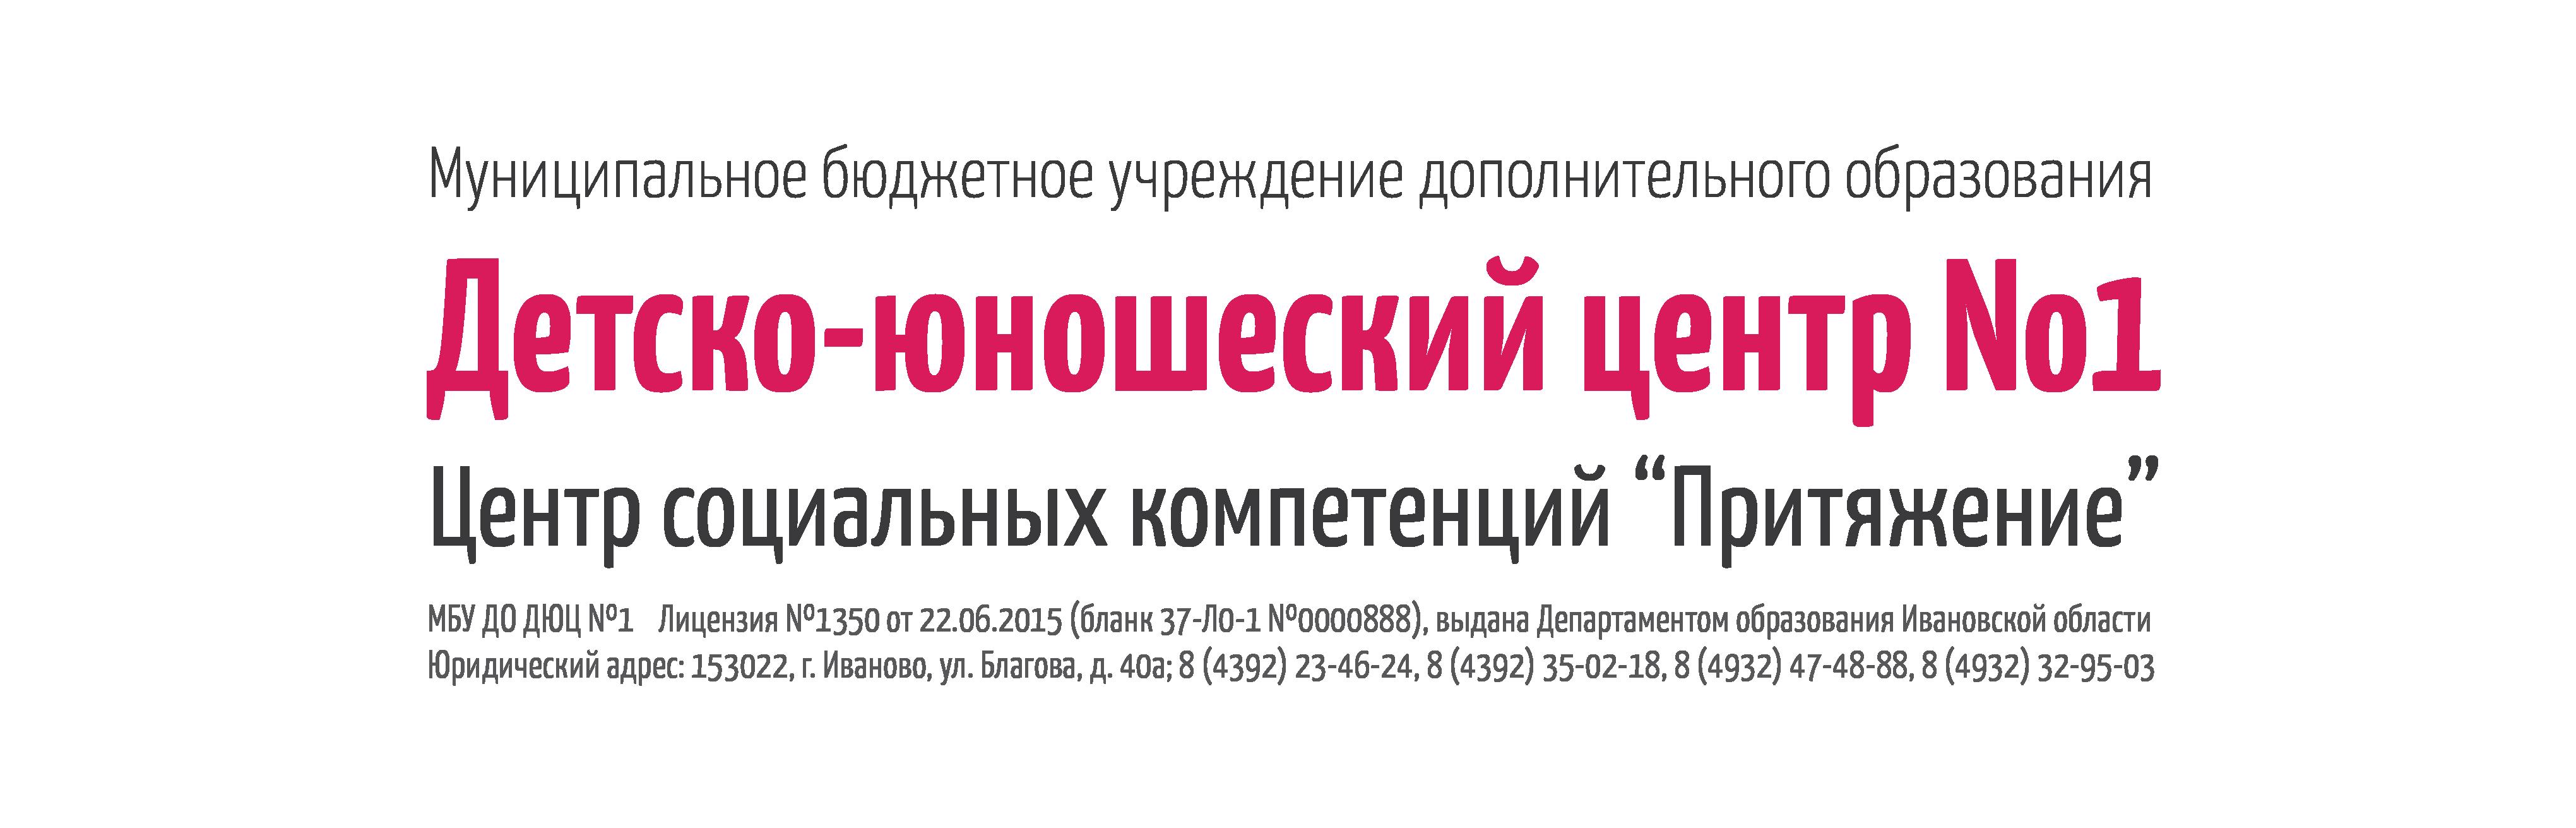 Детско-юношеский центр №1